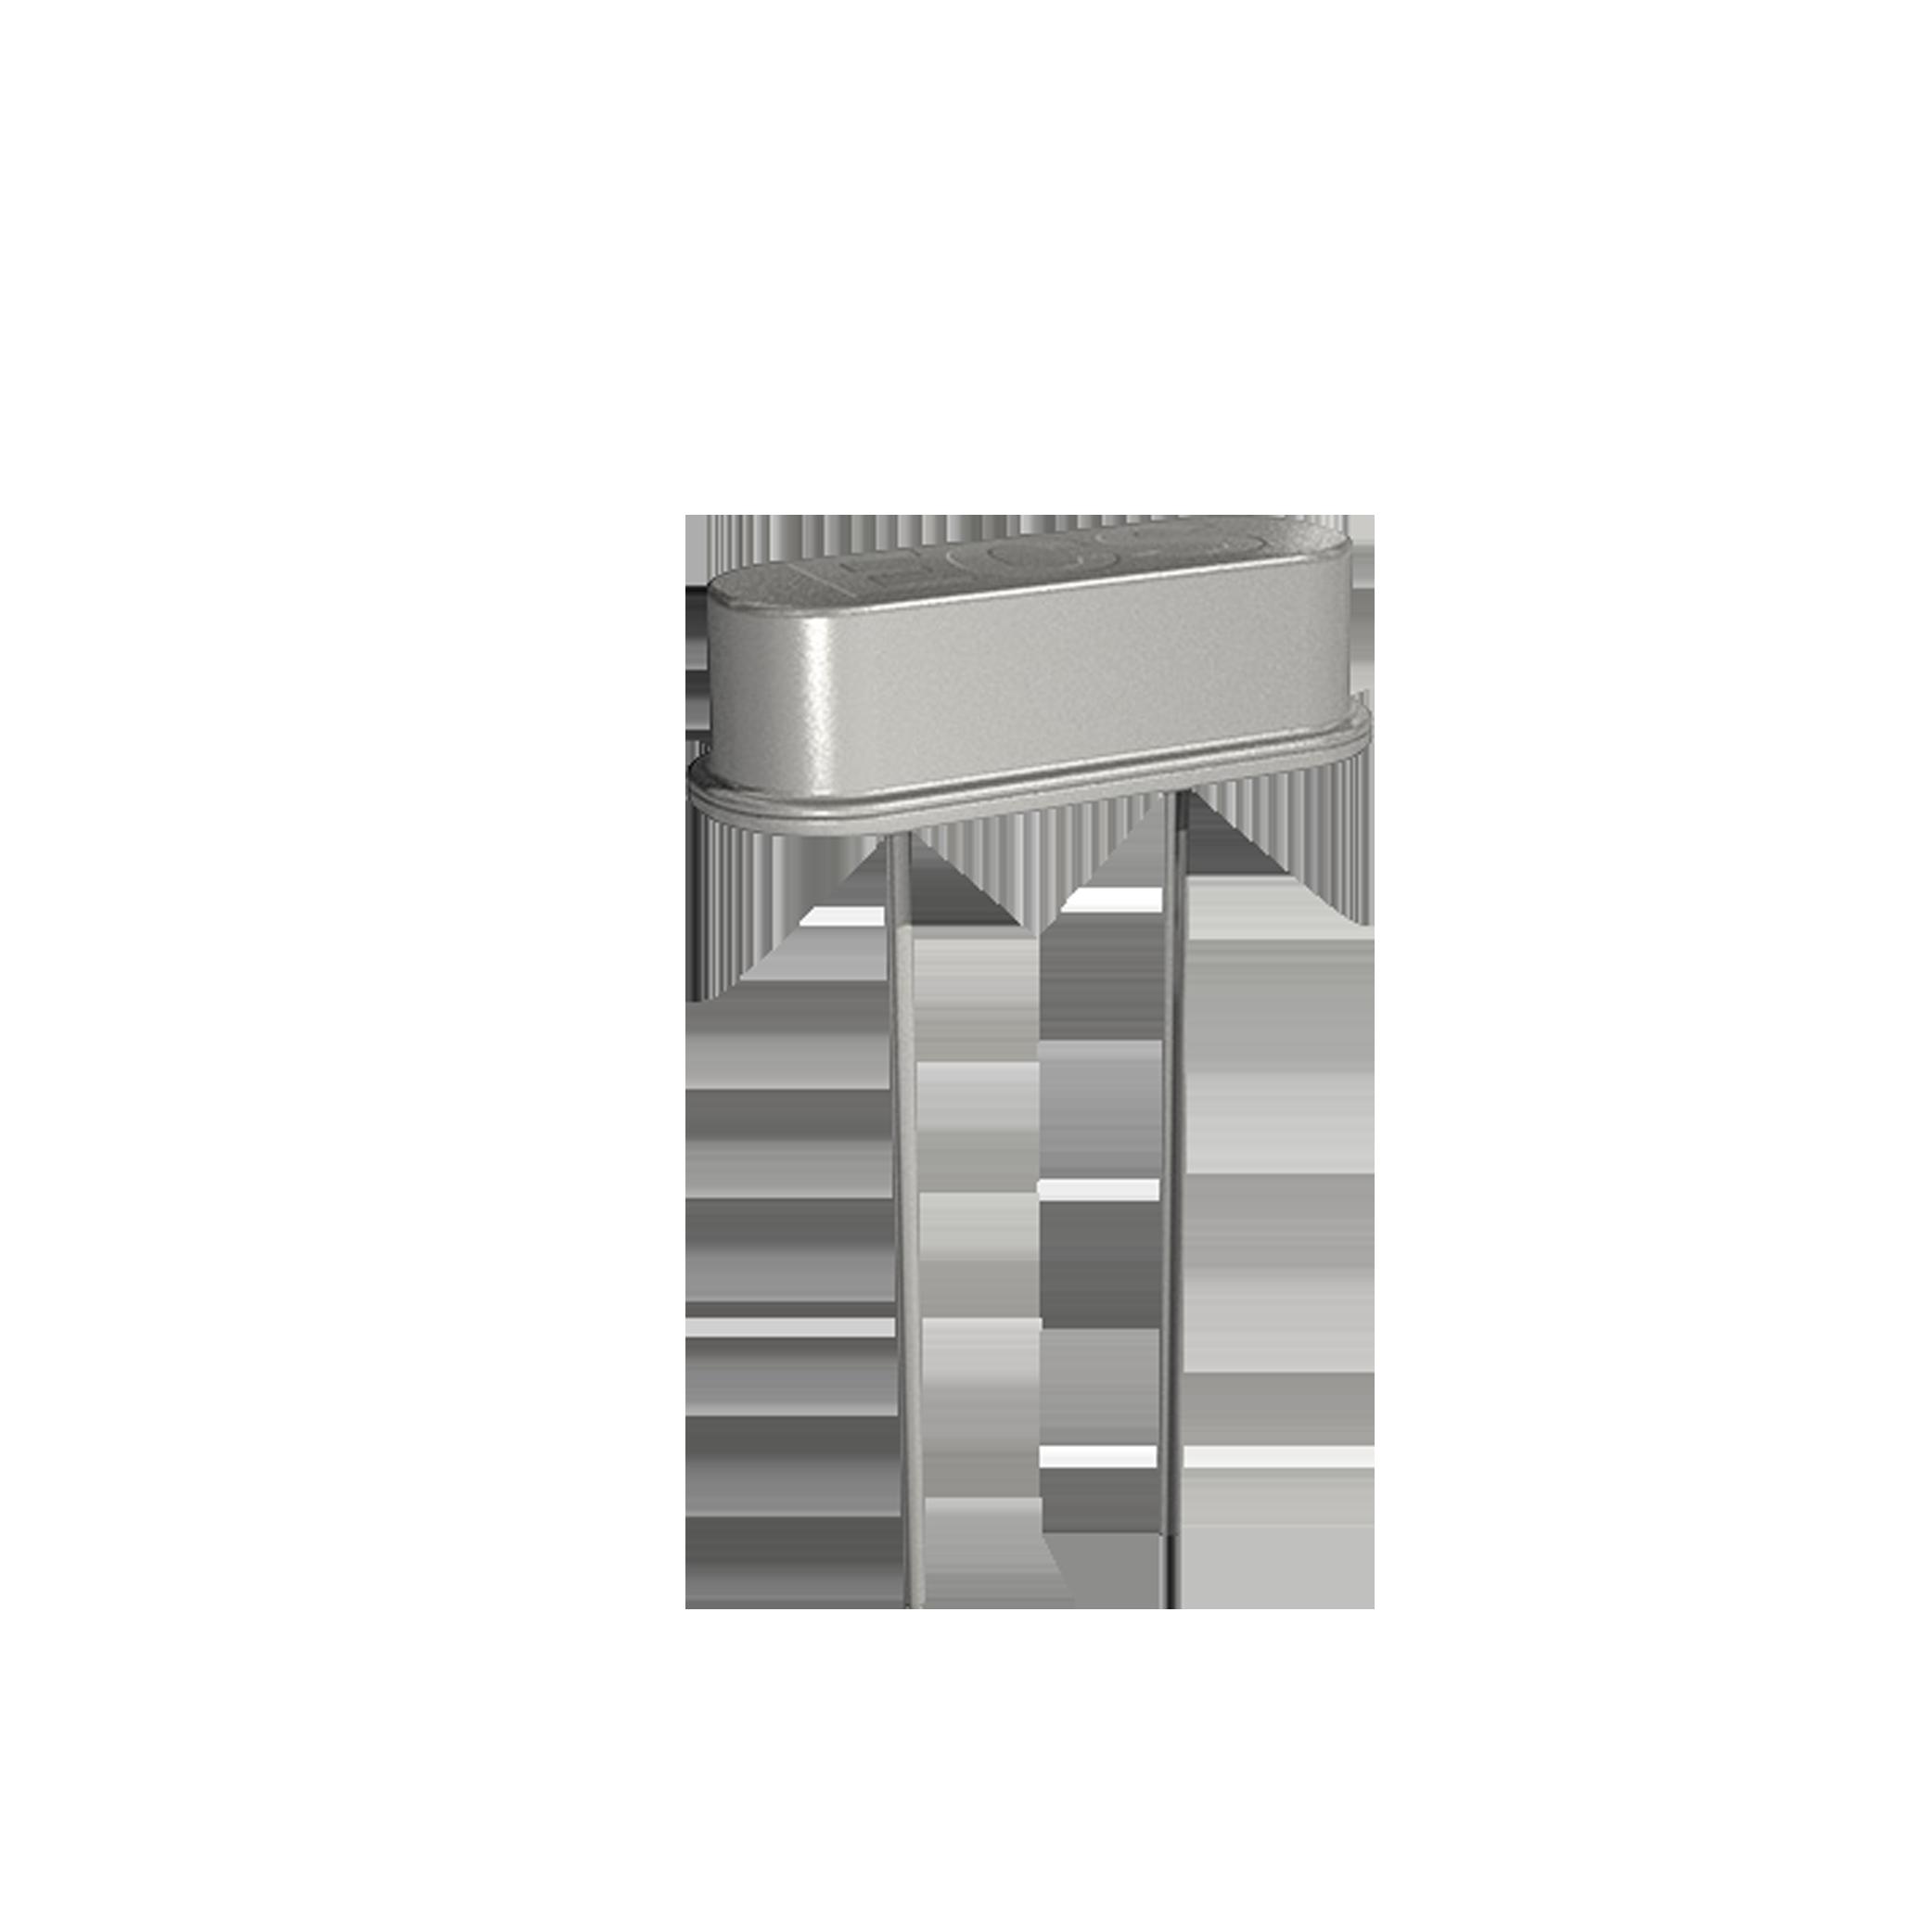 Passive Components Crystals/Resonators/Oscillators Crystals ECS-35-17-4 by ECS Inc.